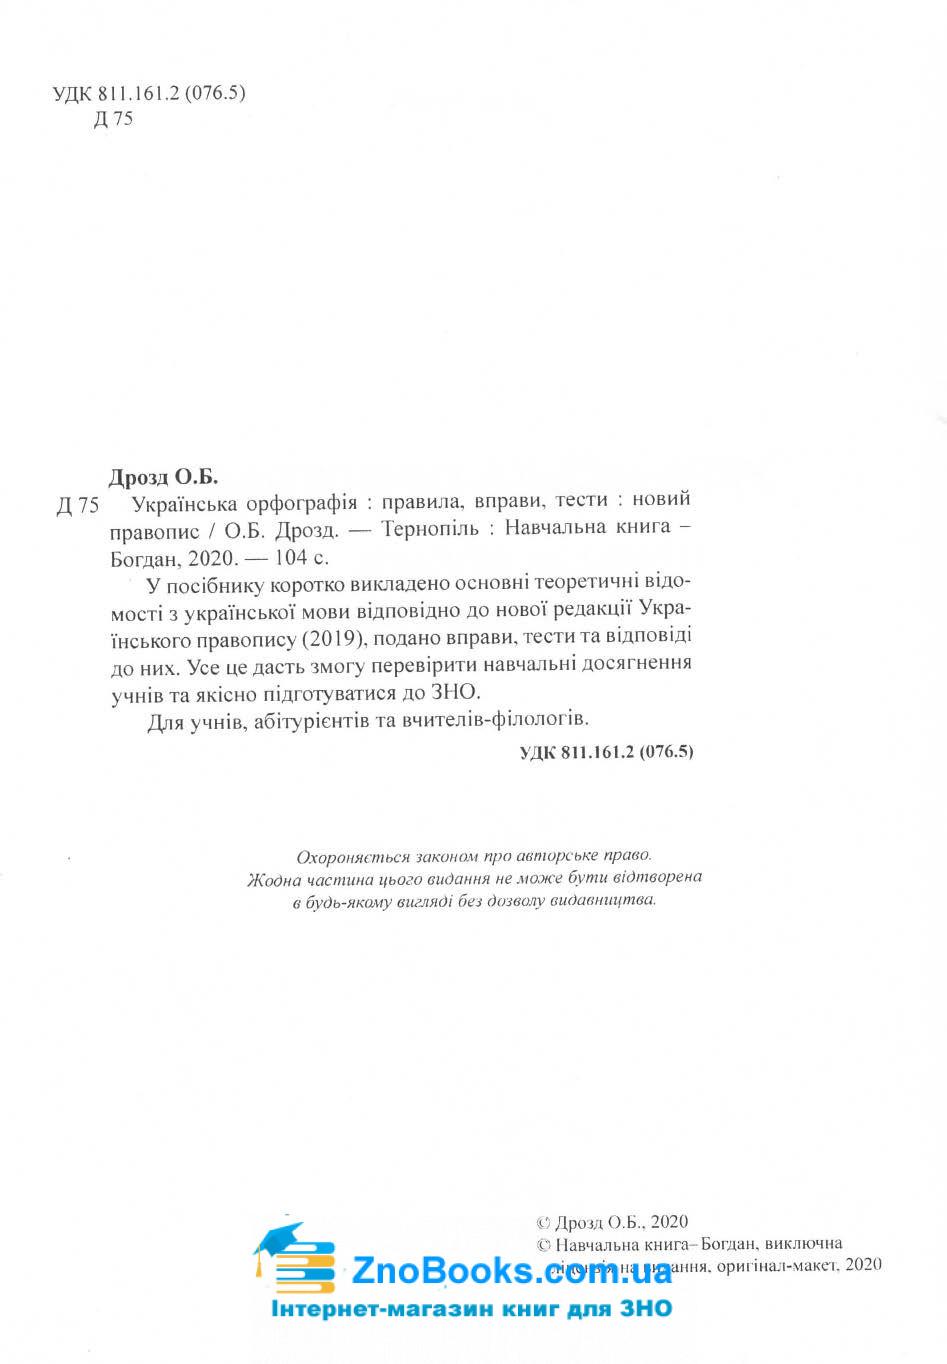 Українська орфографія: Дрозд О. Навчальна книга - Богдан. купити 3